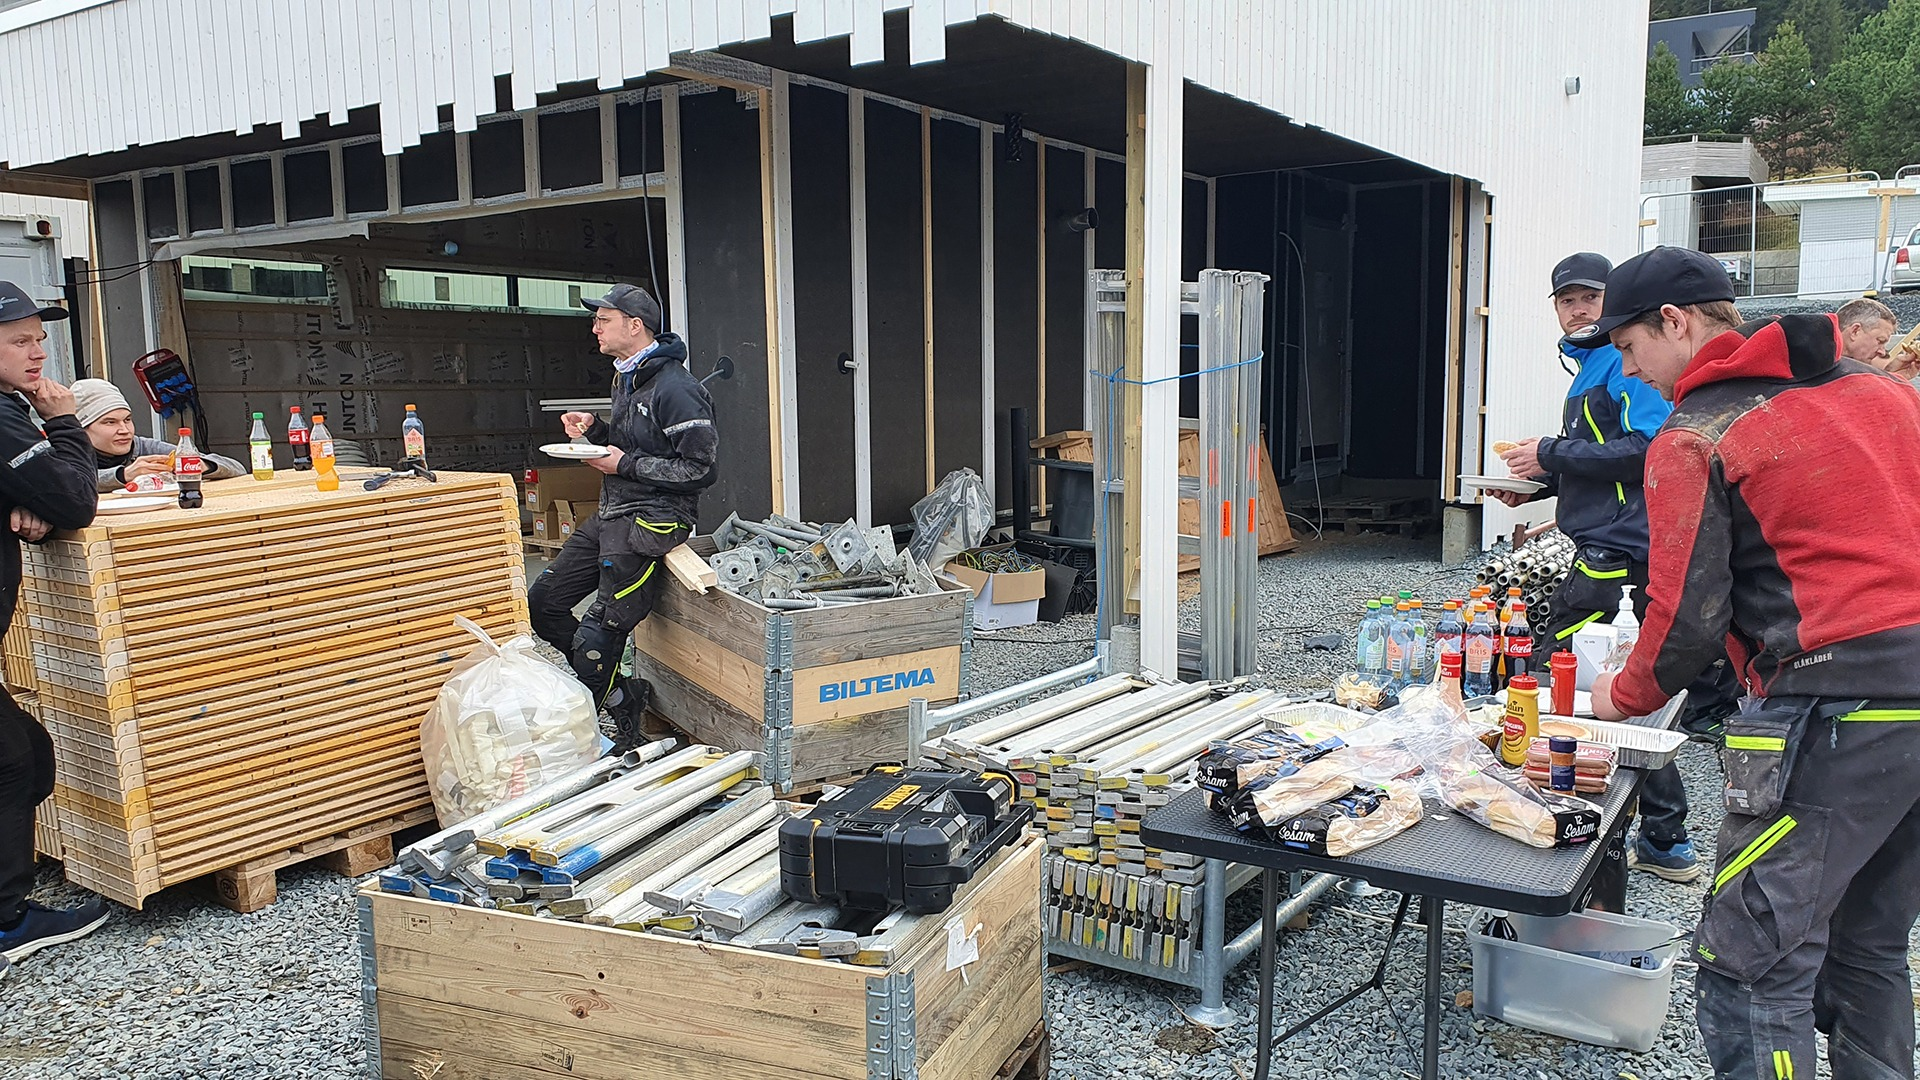 Av og til lar vi matpakken ligge og serverer heller lunsj på byggeplassen til tømrerne. Vel fortjent!